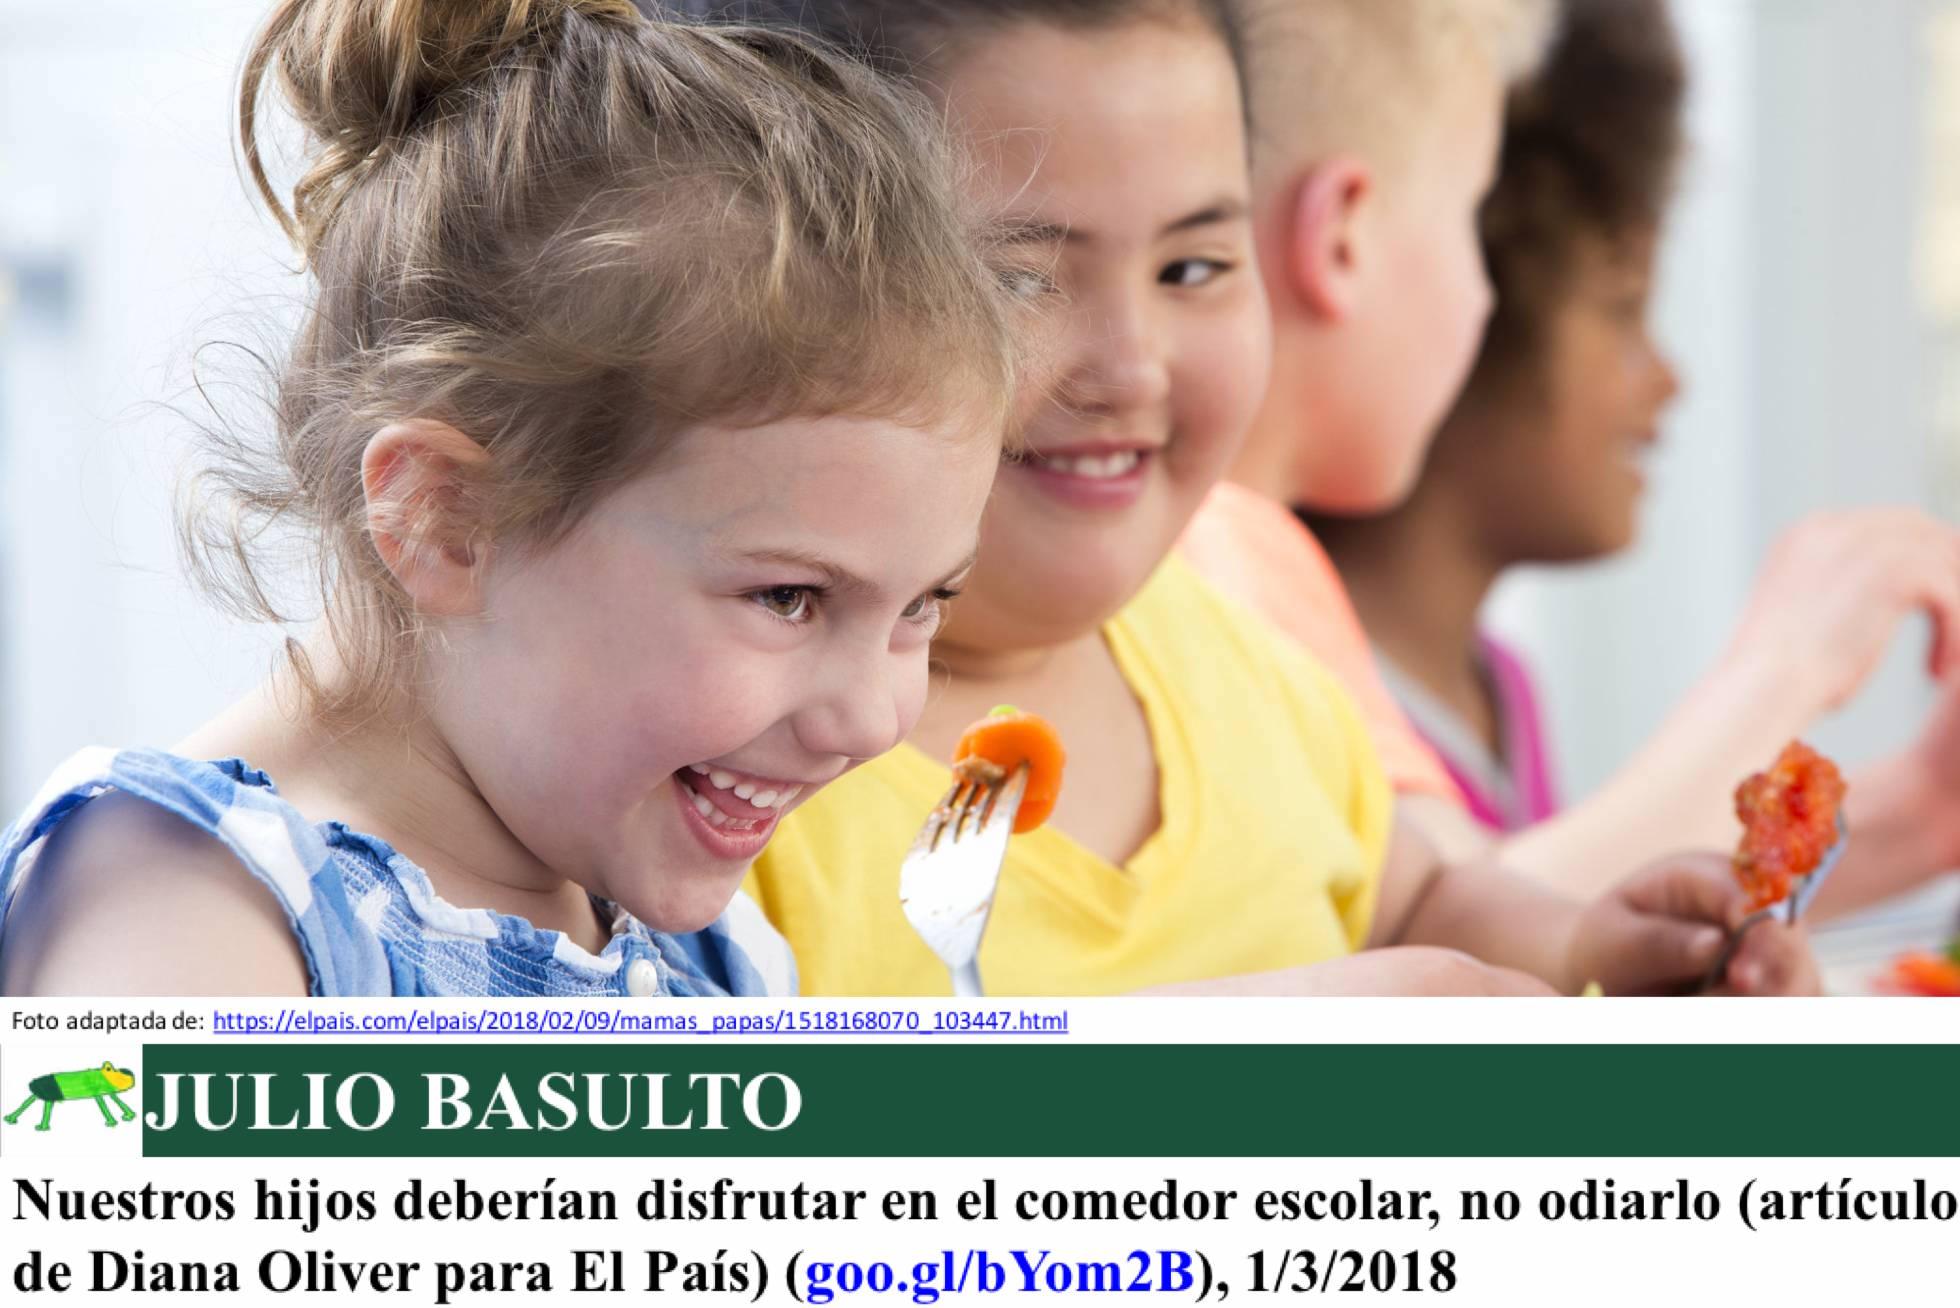 Nuestros hijos deberían disfrutar en el comedor escolar, no odiarlo (artículo de Diana Oliver para El País)